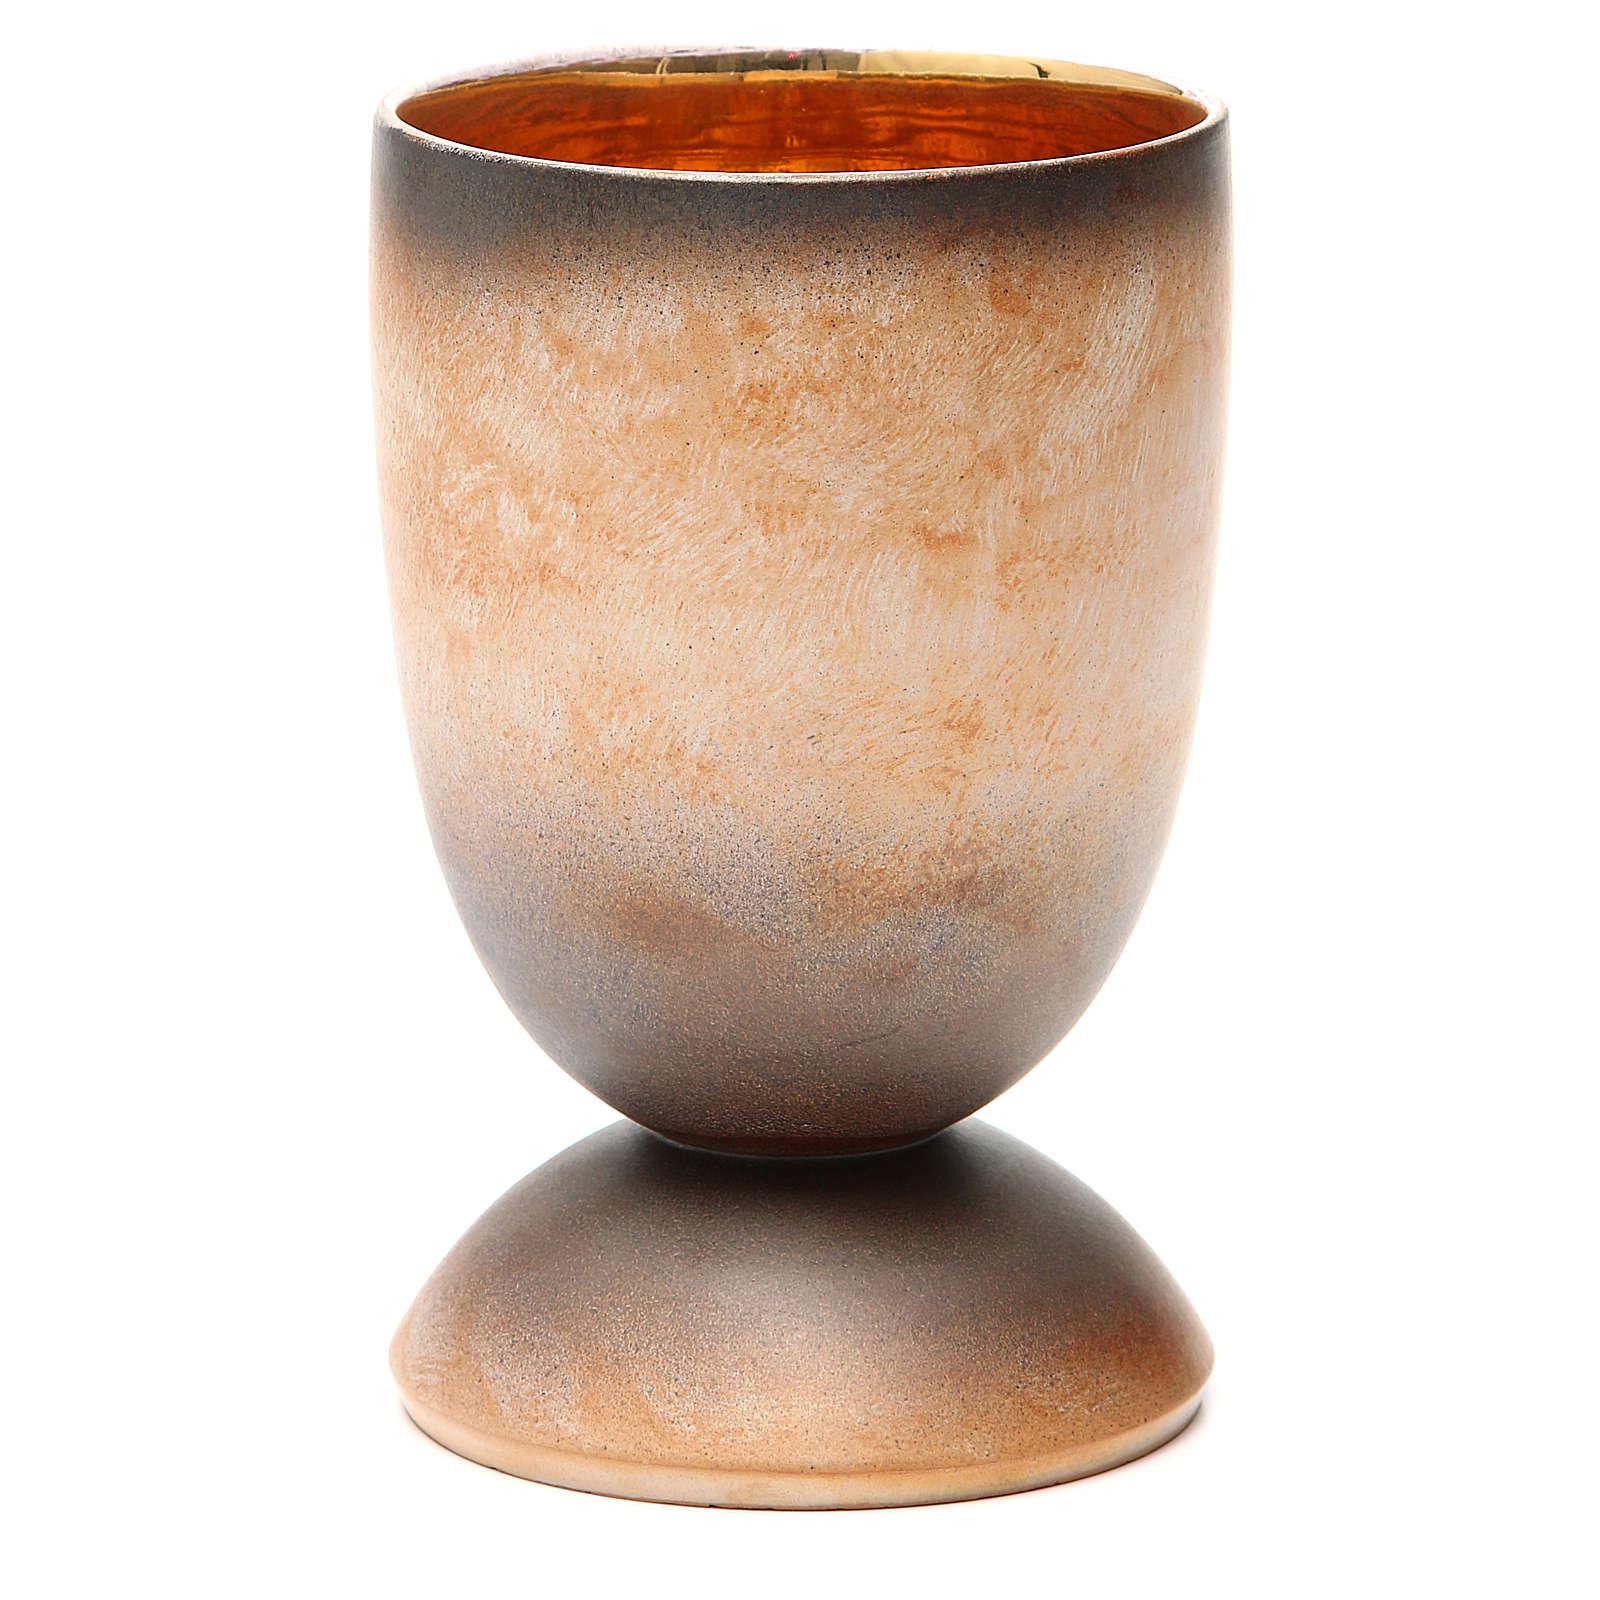 Calice concelebrazione ceramica 3 fuoco pani pesci 4